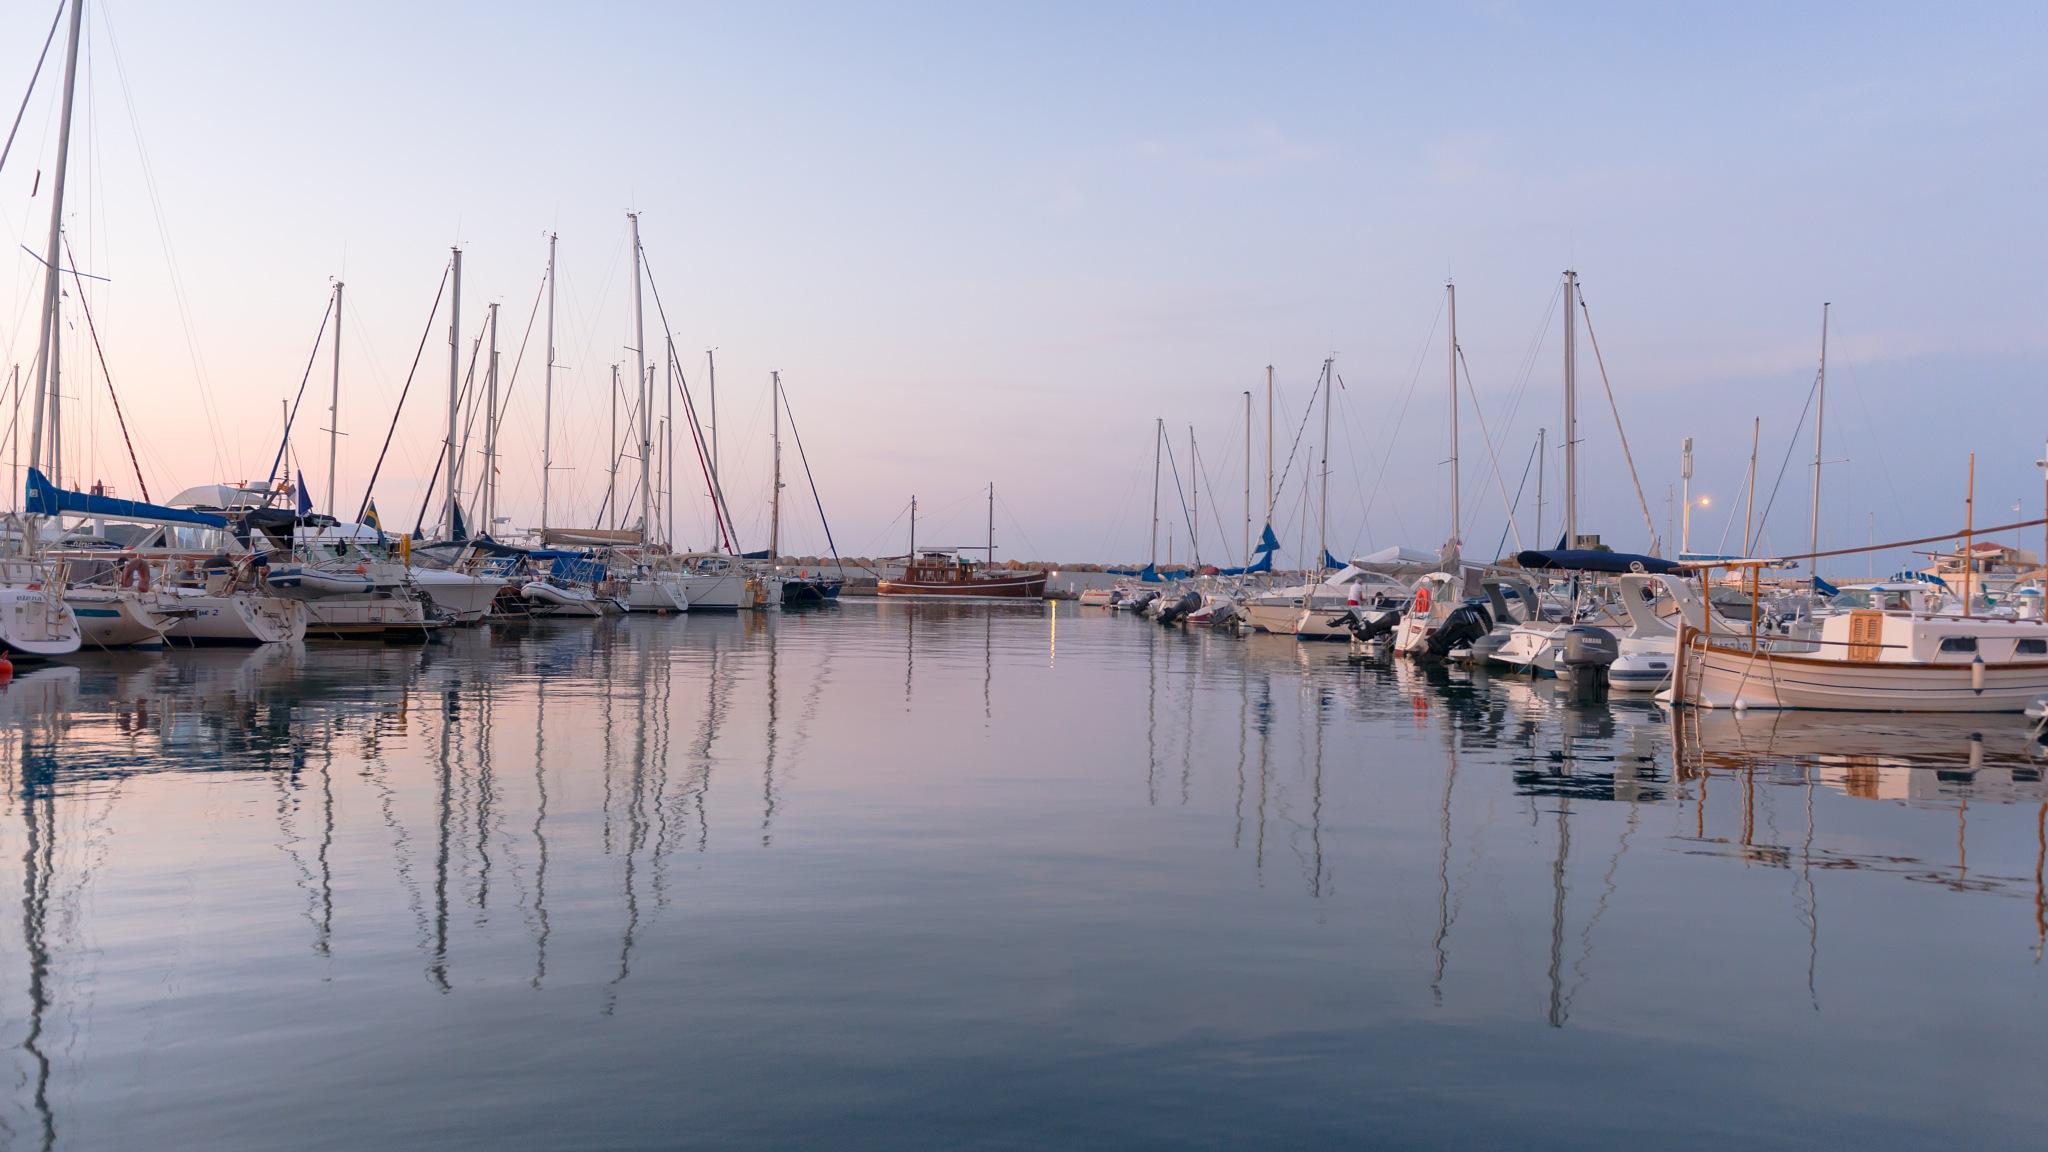 Banyuls' harbor  by Valentine Aquilina